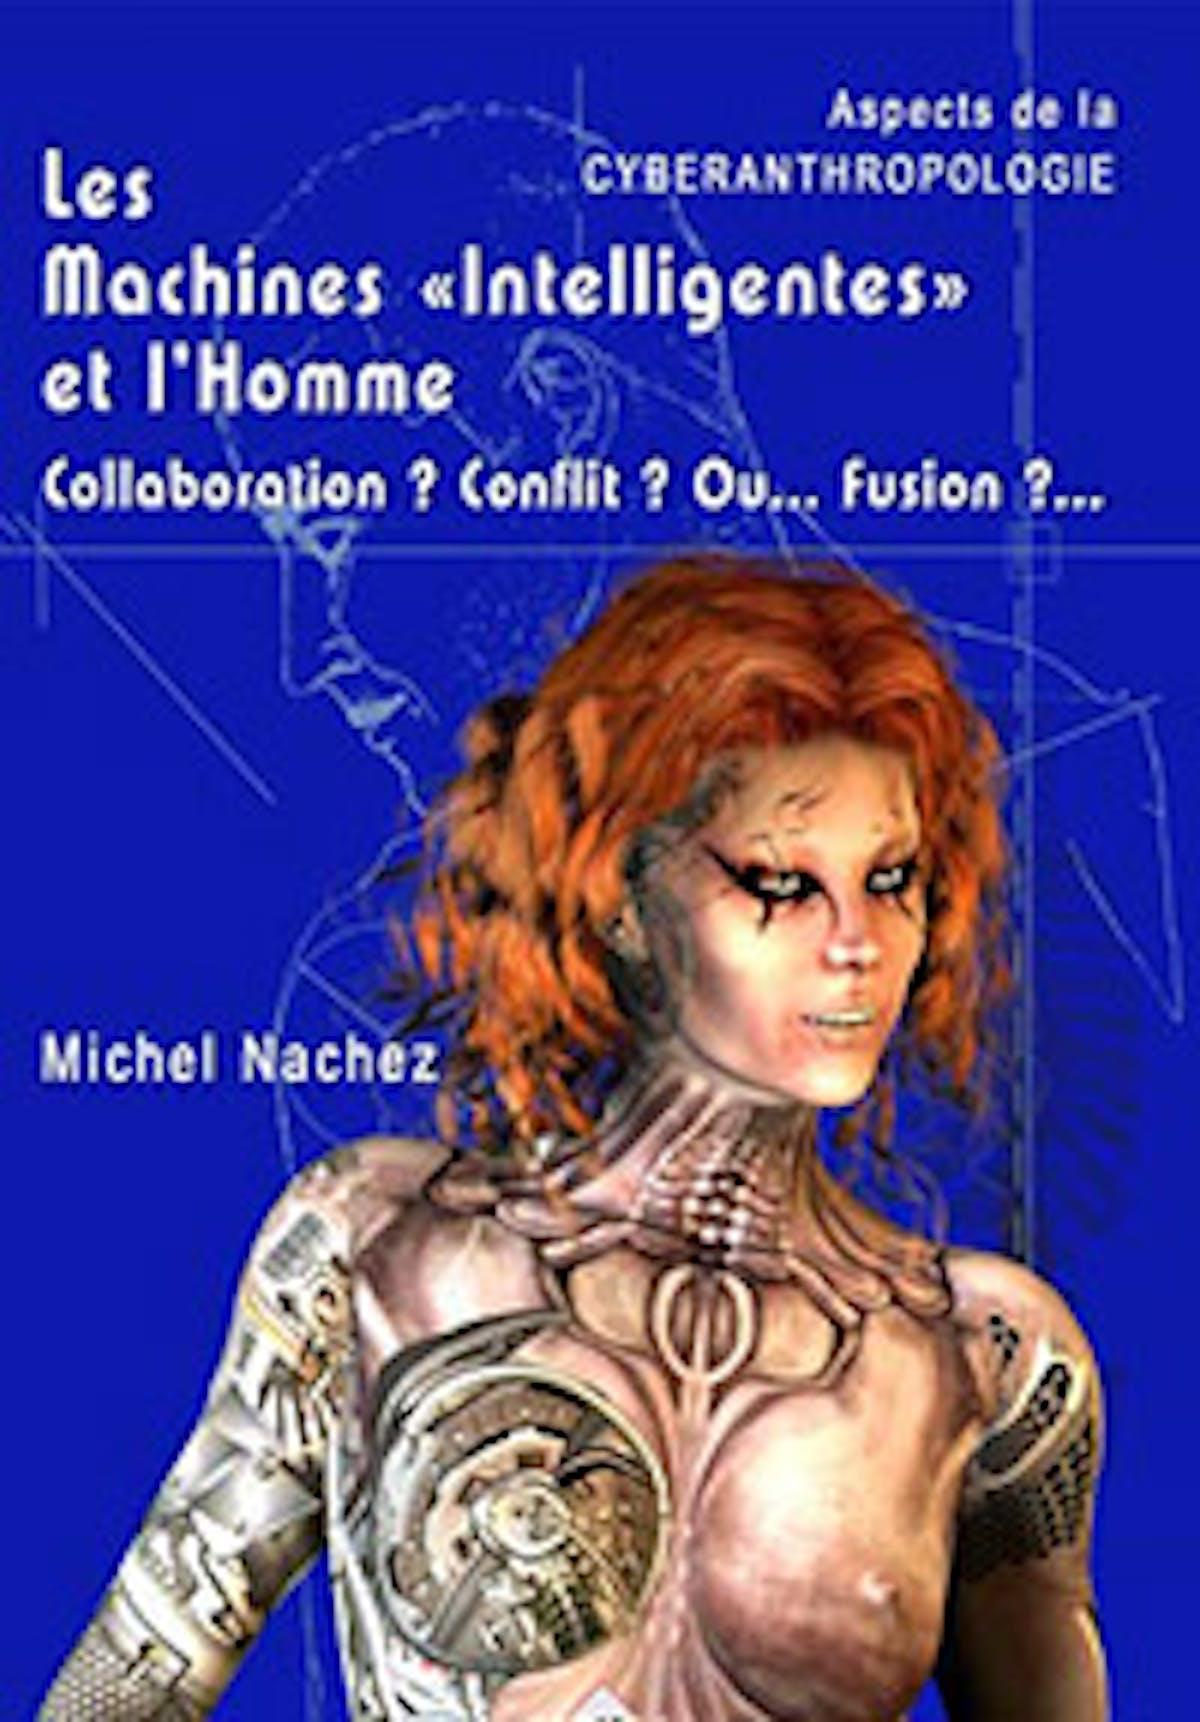 LES MACHINES « INTELLIGENTES » ET L'HOMME - Michel Nachez